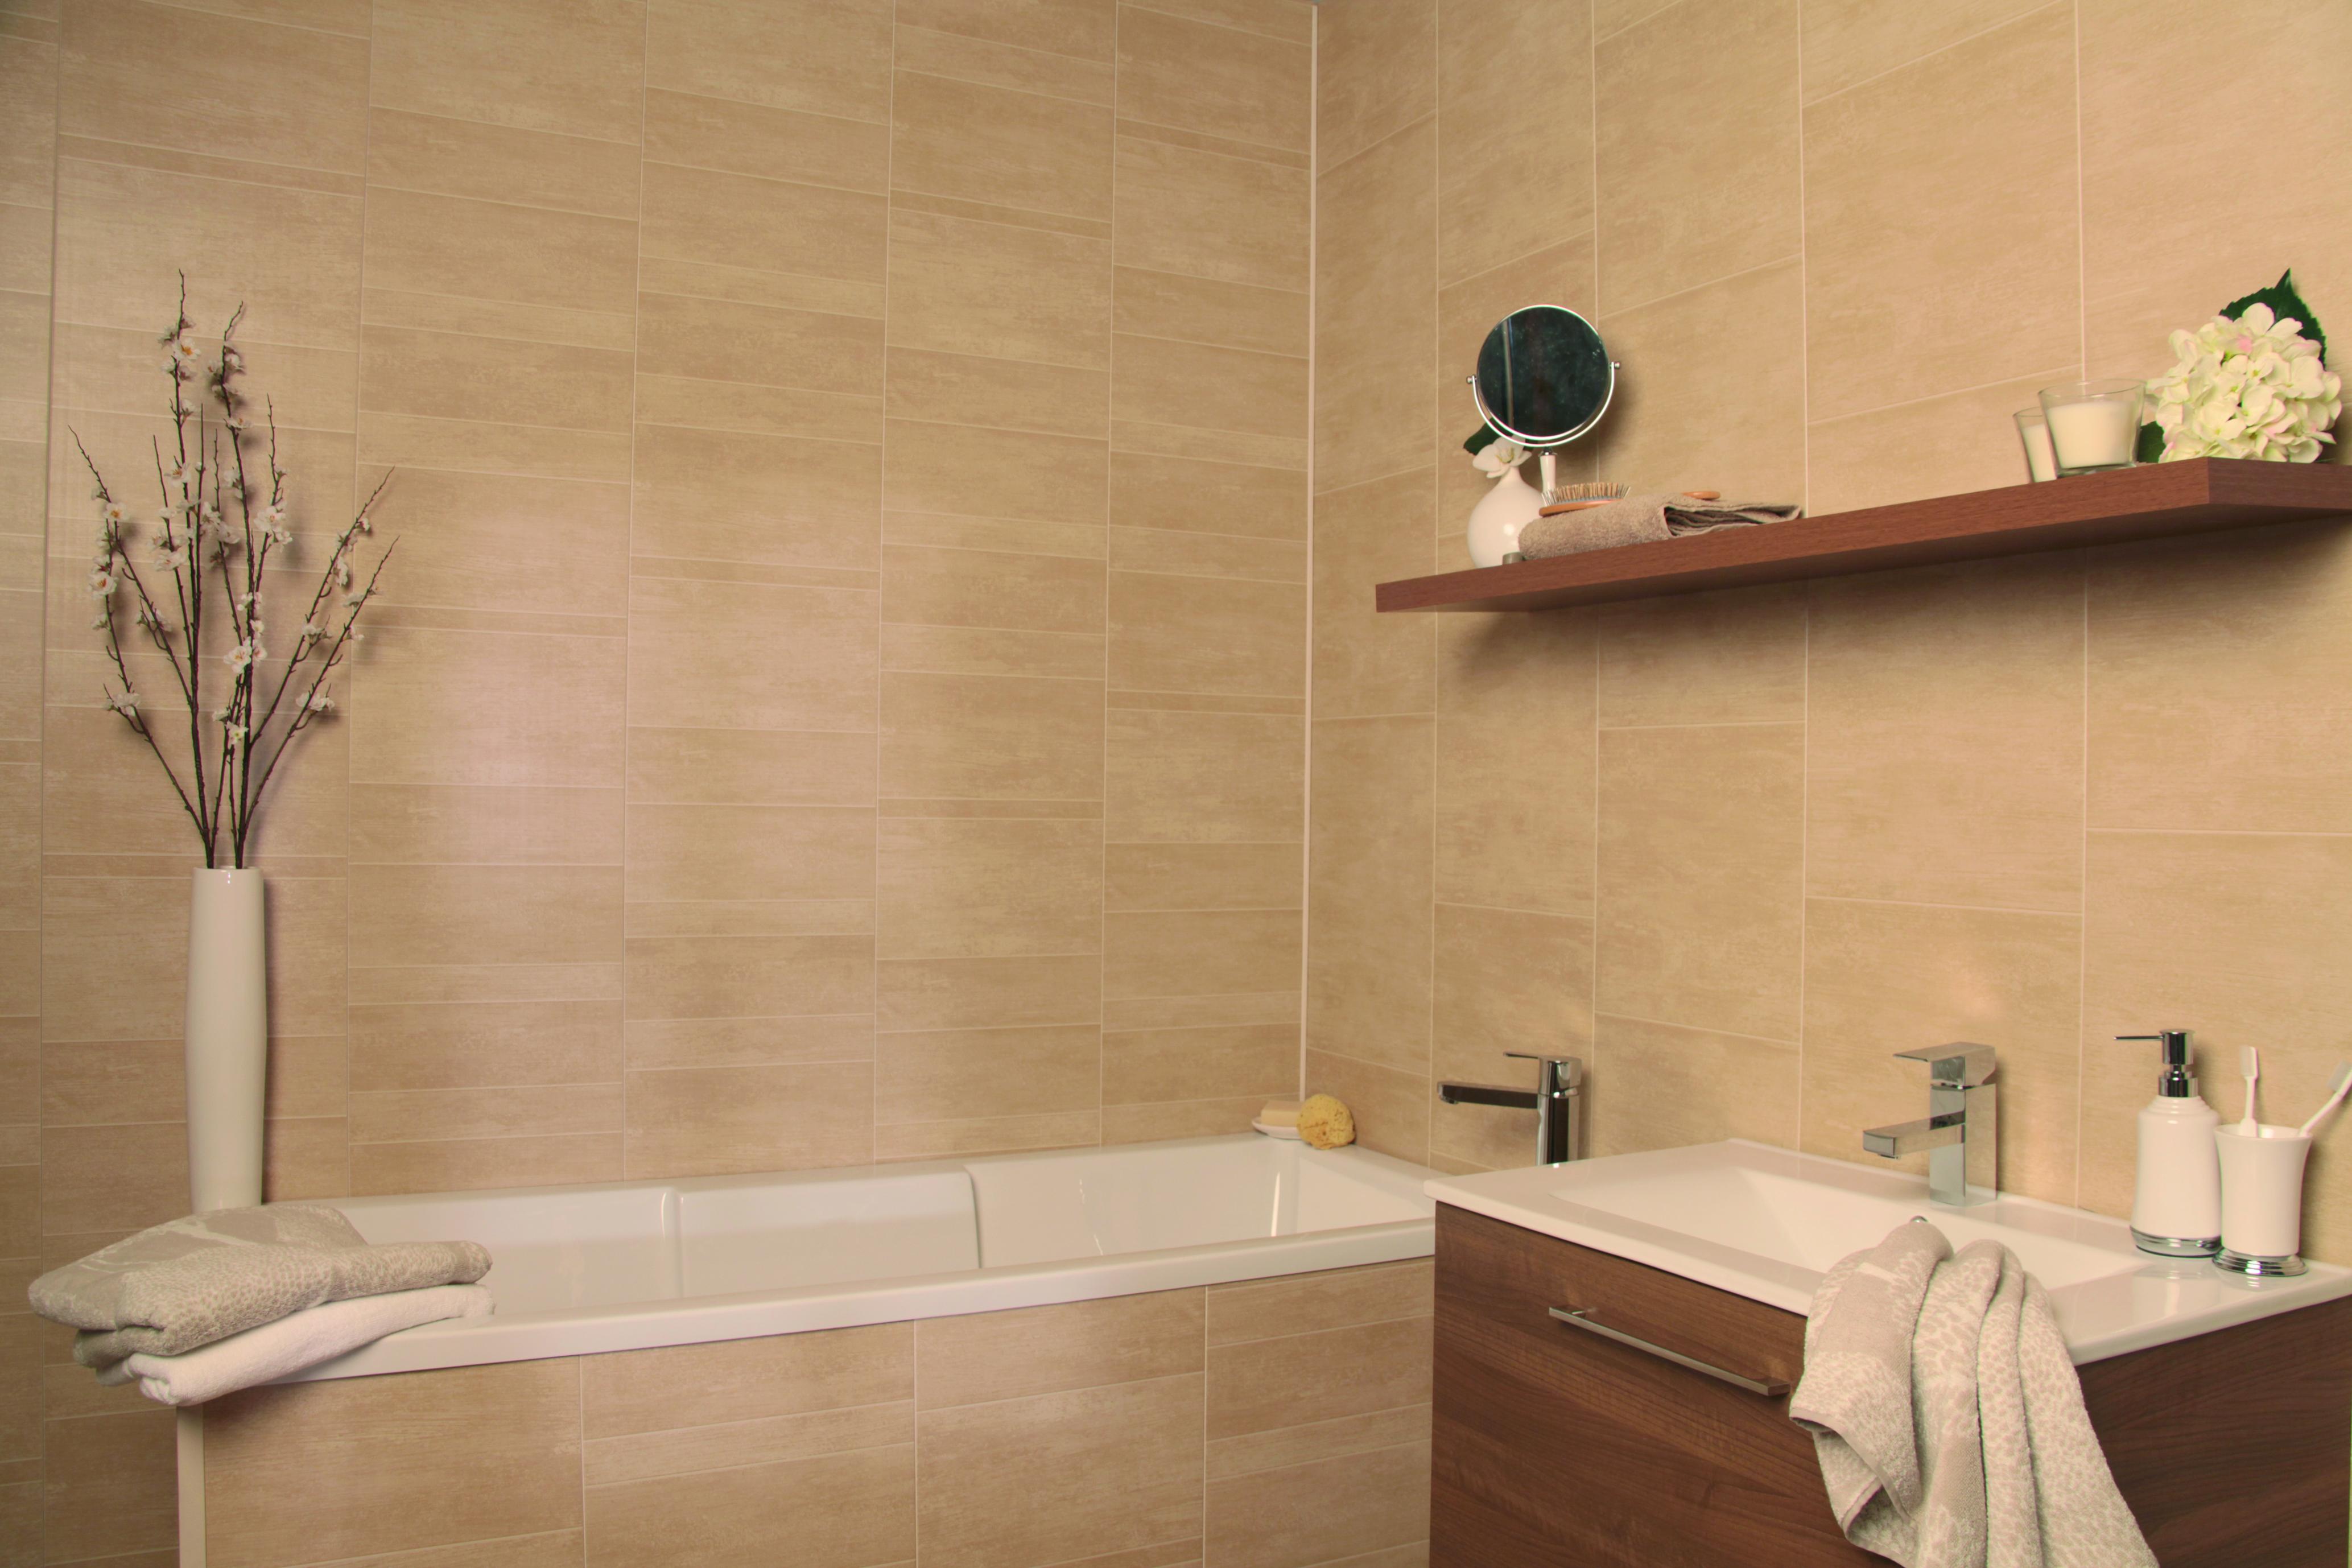 Great Marbrex Wall U Ceiling Panels With Bathroom Cladding